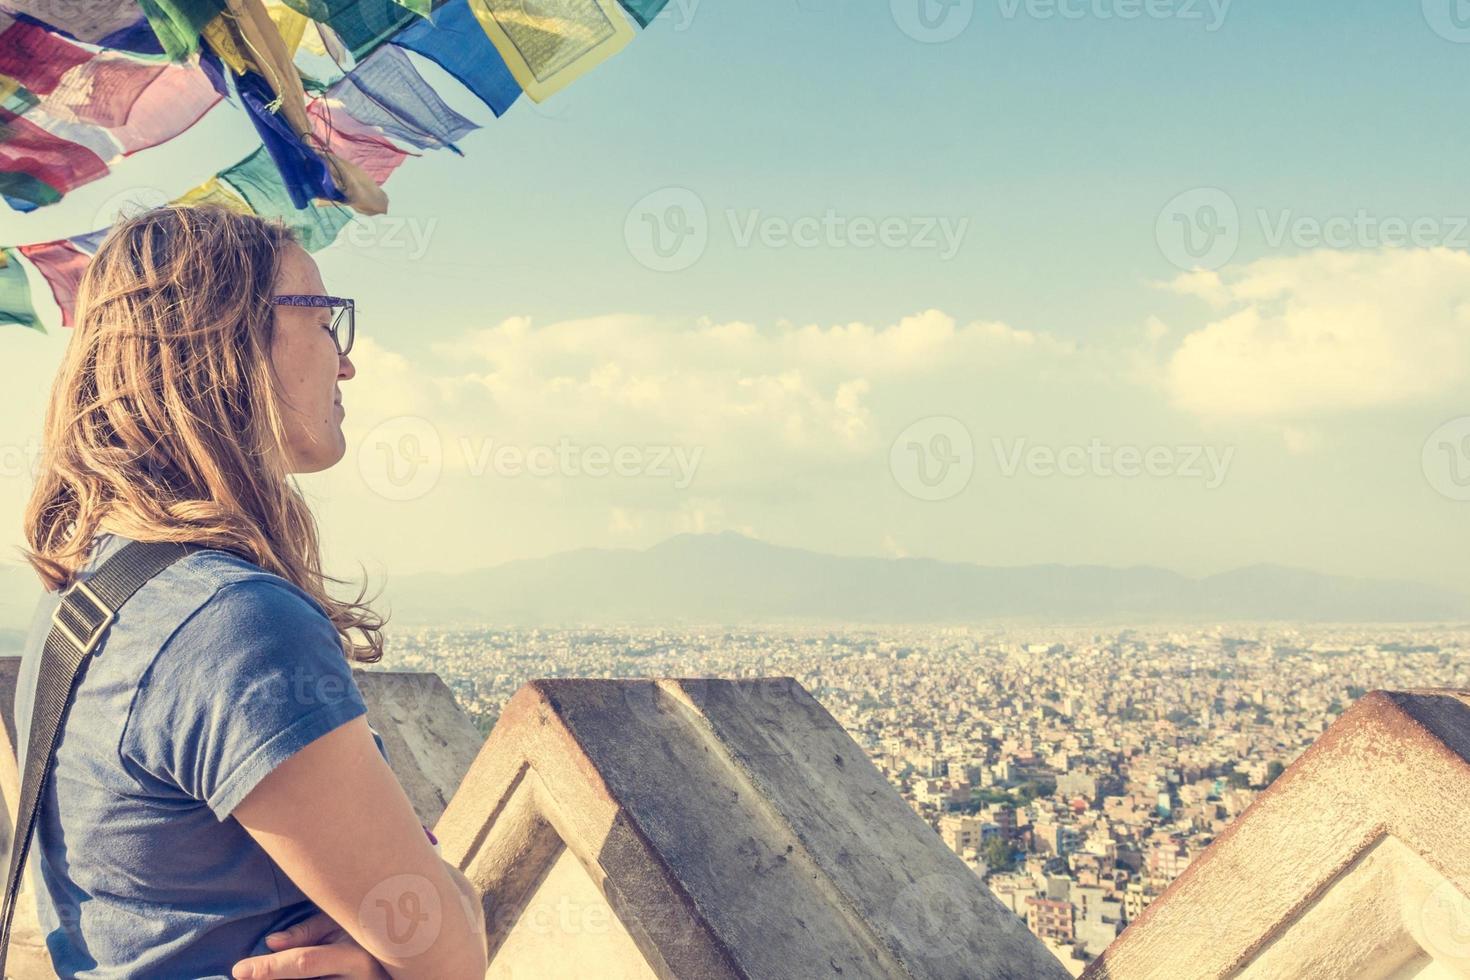 ung kvinna njuter av kvällen utsikt över en stad. foto